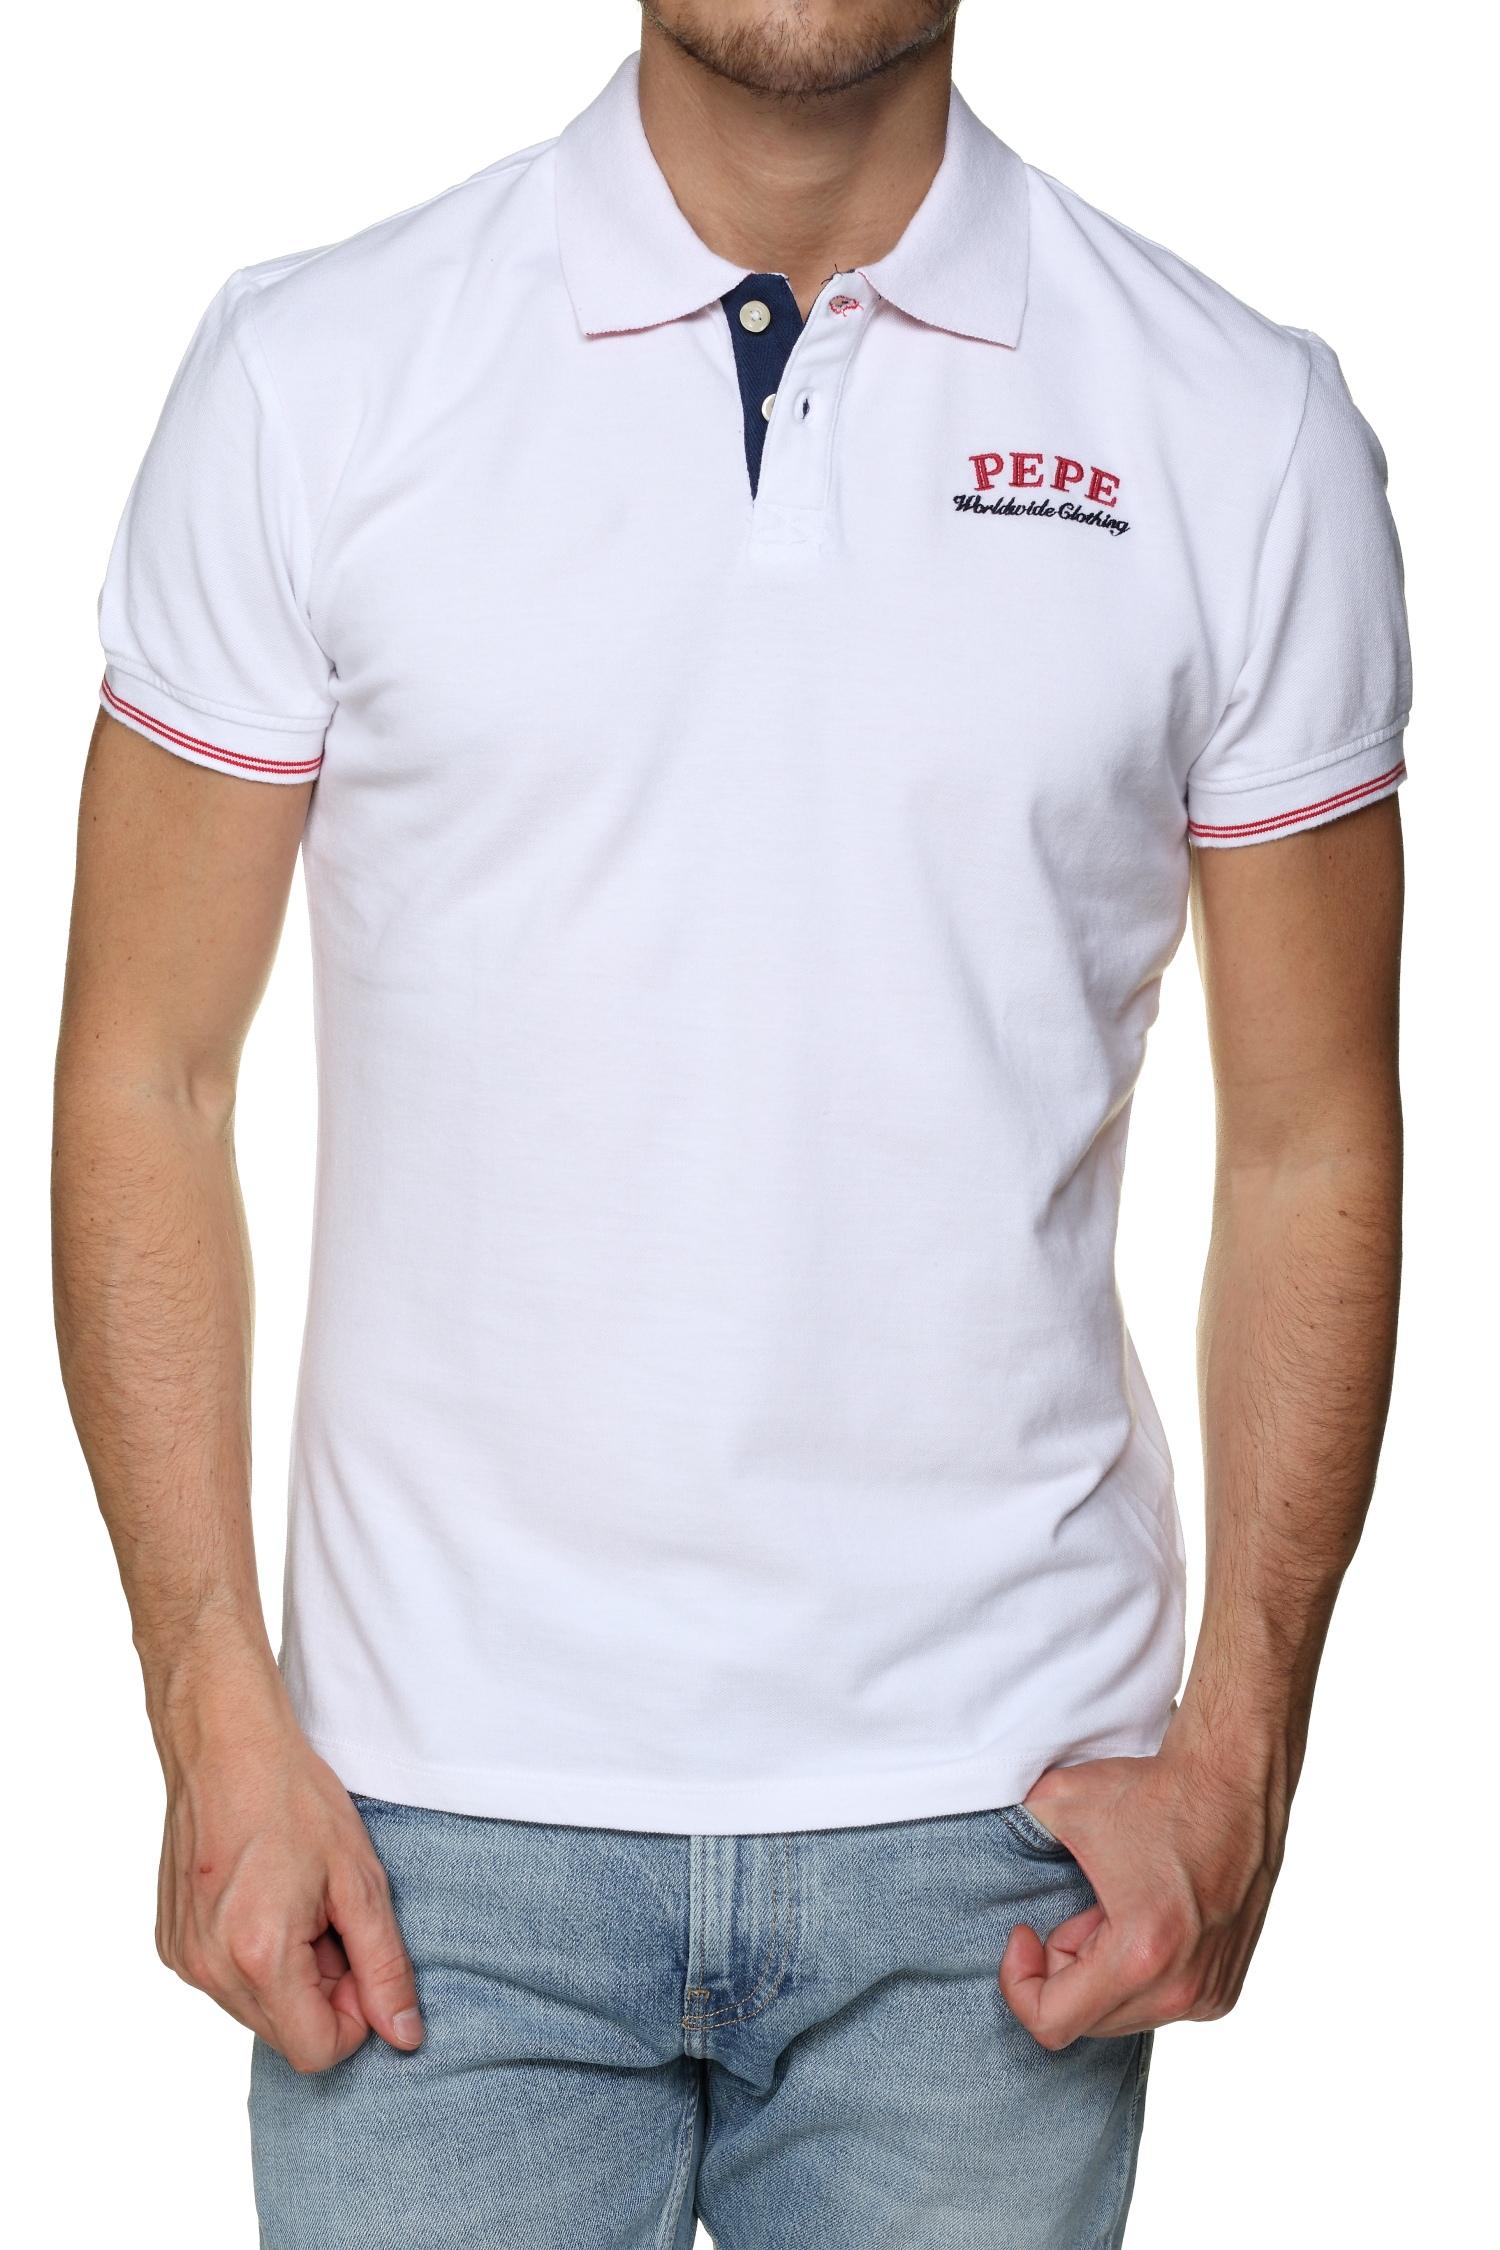 https://www.leadermode.com/195280/pepe-jeans-fell-pm541218-802-optic-white.jpg